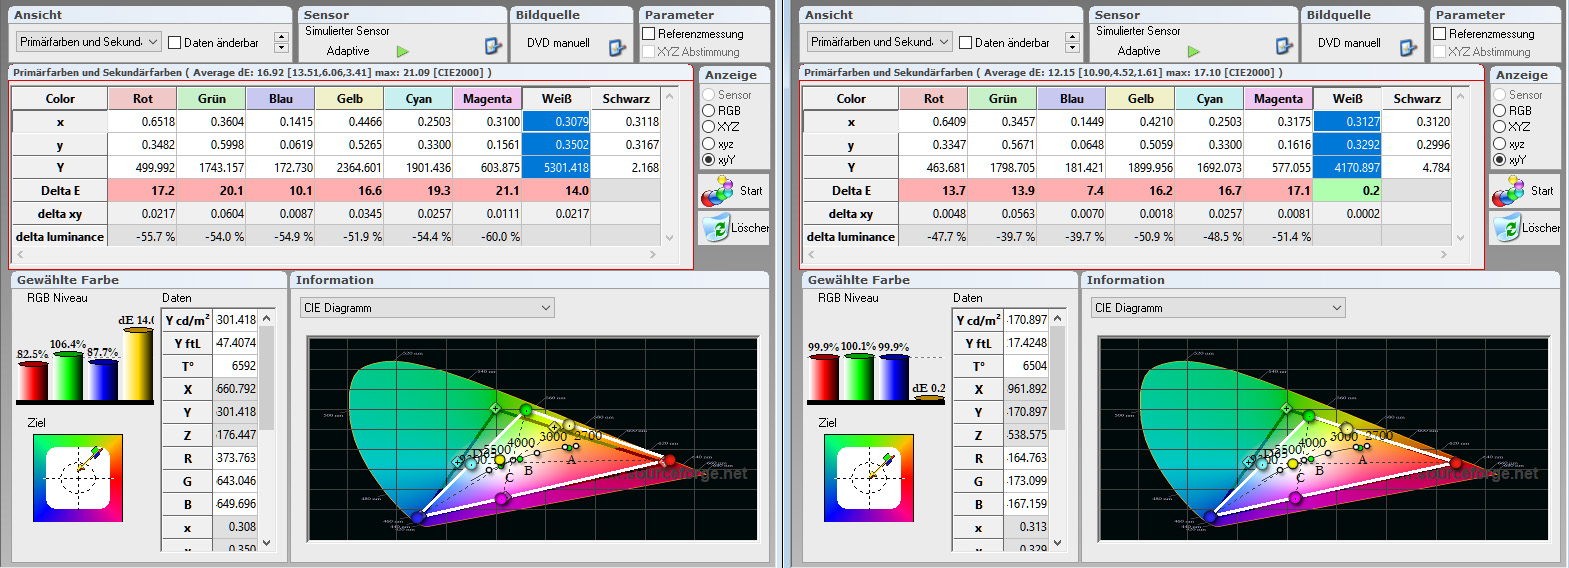 """Farbraum-Tabelle: In der Tabelle ist gut abzulesen, was das Weißsegment im Farbrad des DLP-Projektors bewirkt. Wenn die Luminanzen (Y) von Rot, Grün und Blau addiert werden, kommt normalerweise die Maximalhelligkeit Weiß (bei 100 IRE) heraus. Im Fall des kalibrierten Modus """"User 1"""" müsste Weiß bei 100 IRE rund 2443 cd/m² besitzen. Tatsächlich sind es aber 4170 cd/m². Das Weiß-Segment mischt zusätzlich zu den Farbluminanzen von RGB also noch weiteres Licht dazu. In diesem Fall sogar satte 1727 cm/m². Korrigieren lässt sich das leider nicht sinnvoll."""